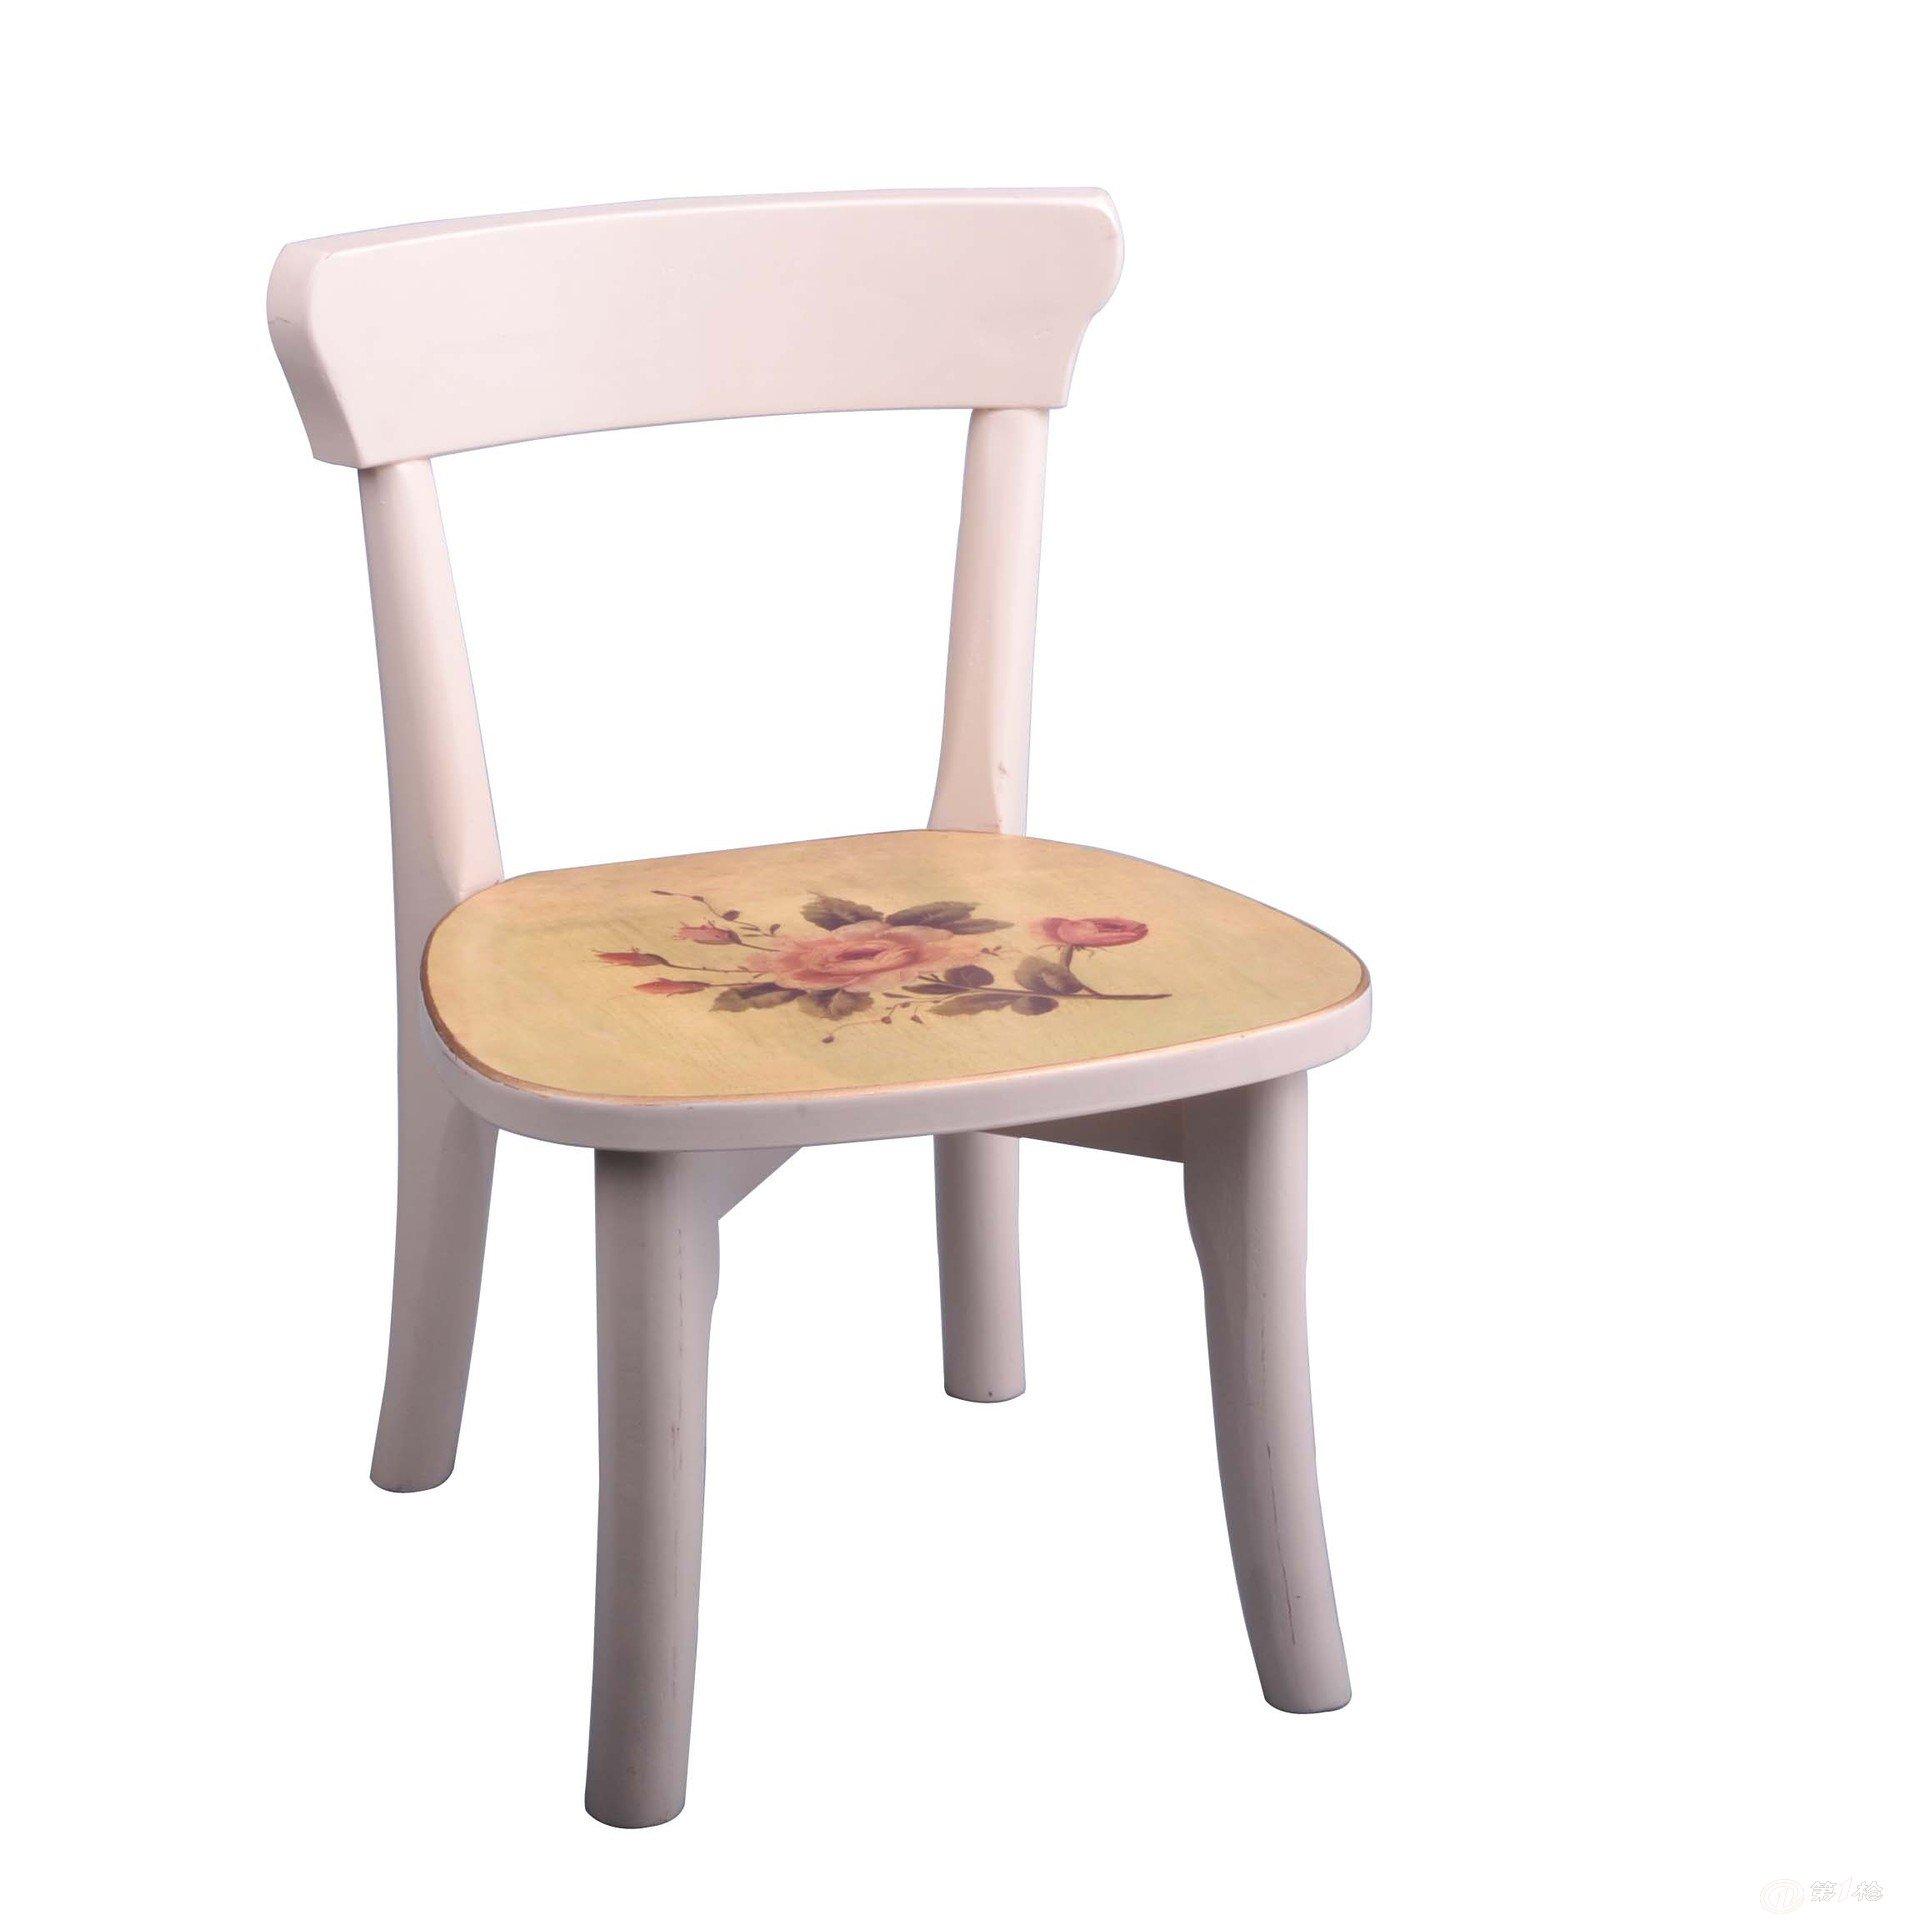 厂商供应批发实木欧式简约贴花小靠背椅子